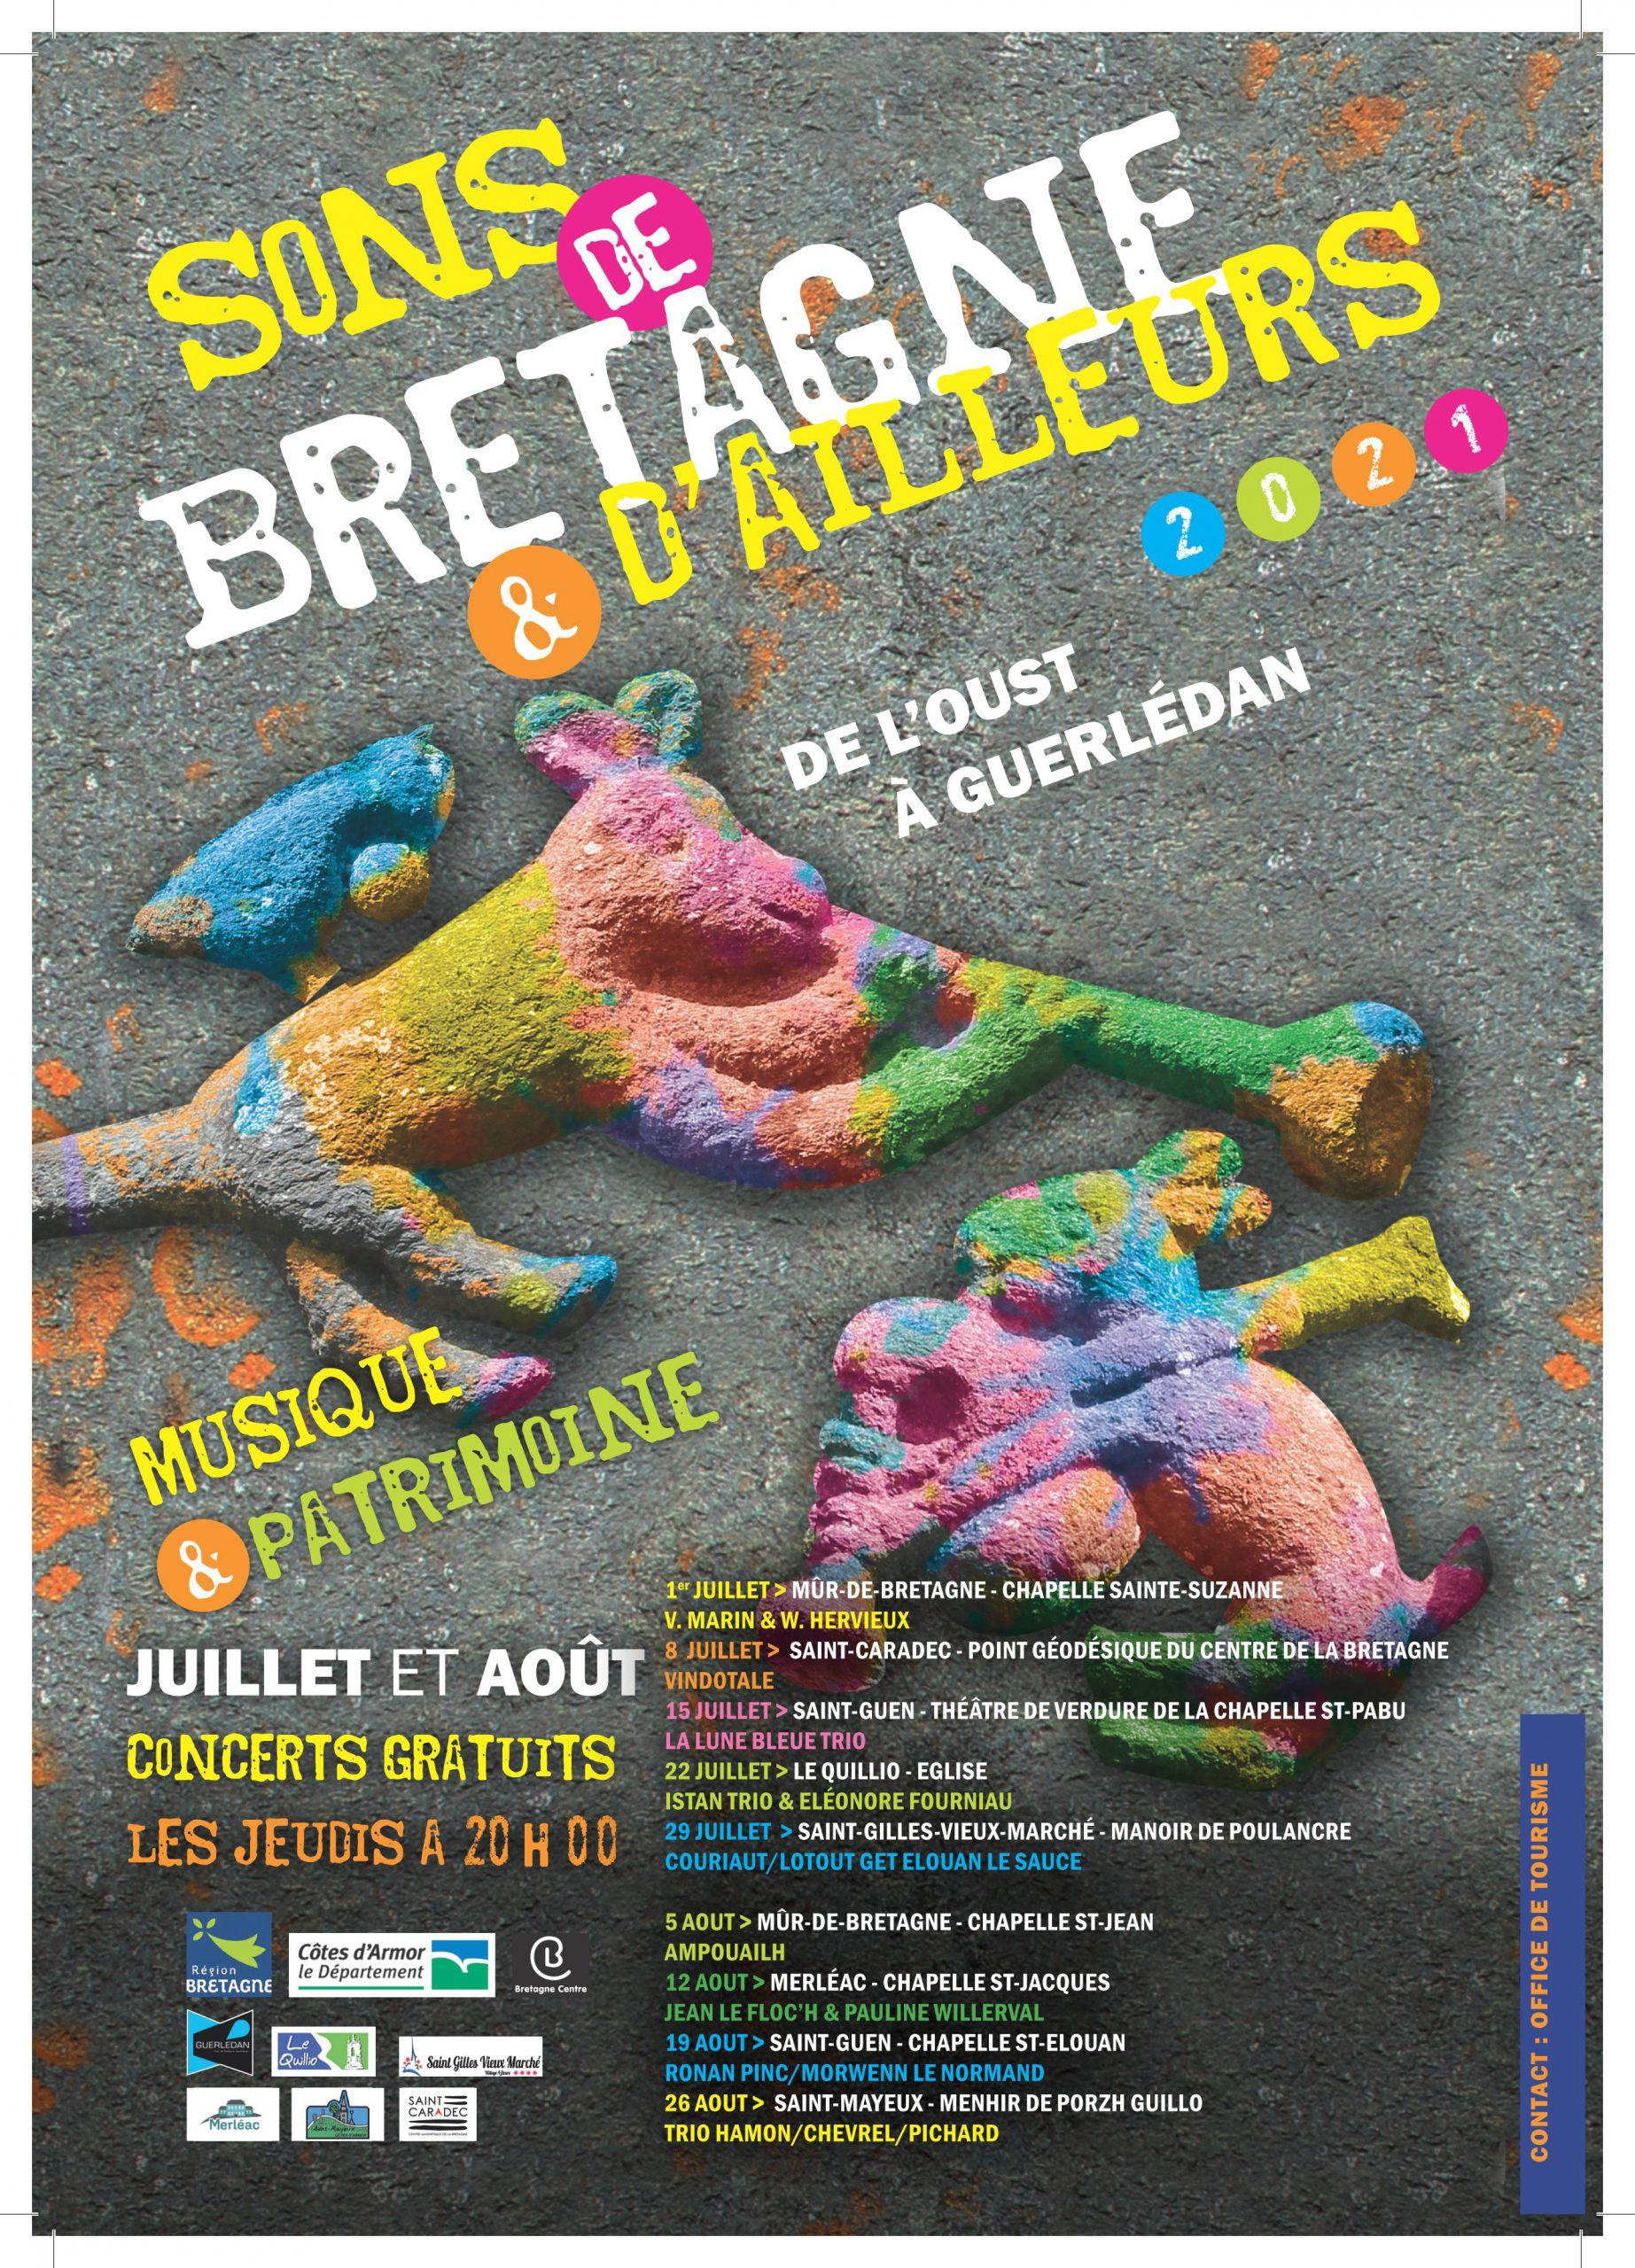 SONS DE BRETAGNE & D'AILLEURS DE L'OUST A GUERLEDAN 2021